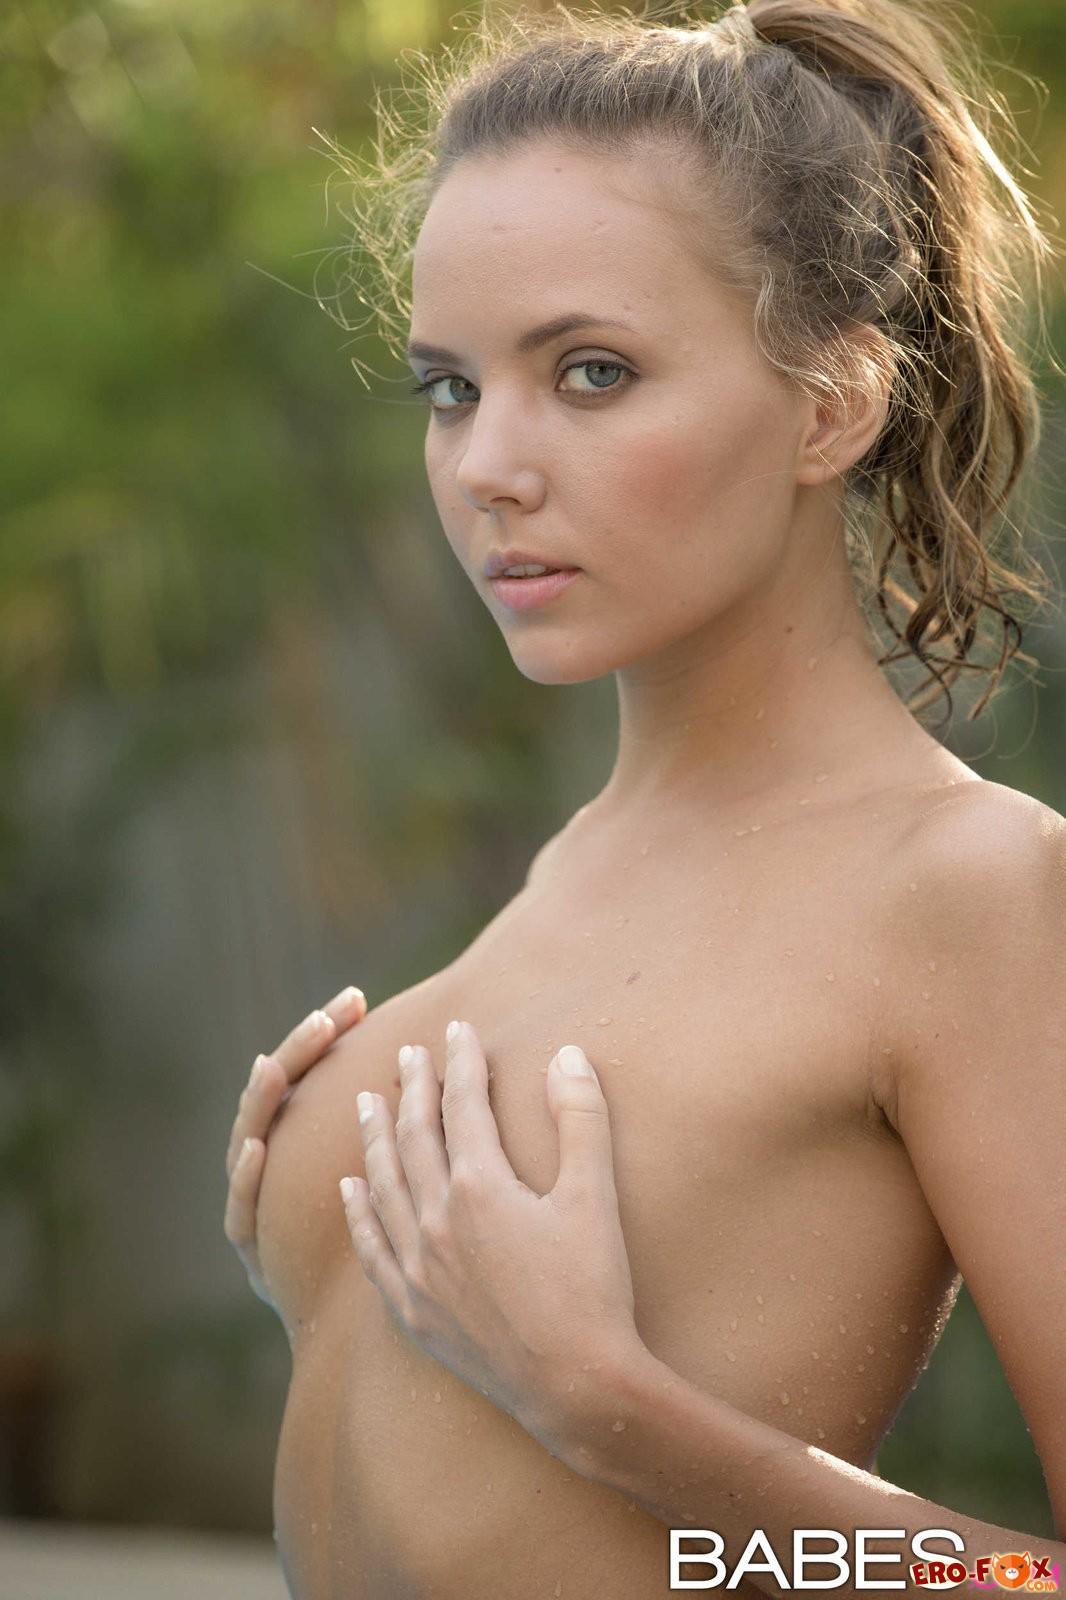 Красивая голая девушка купается в бассейне